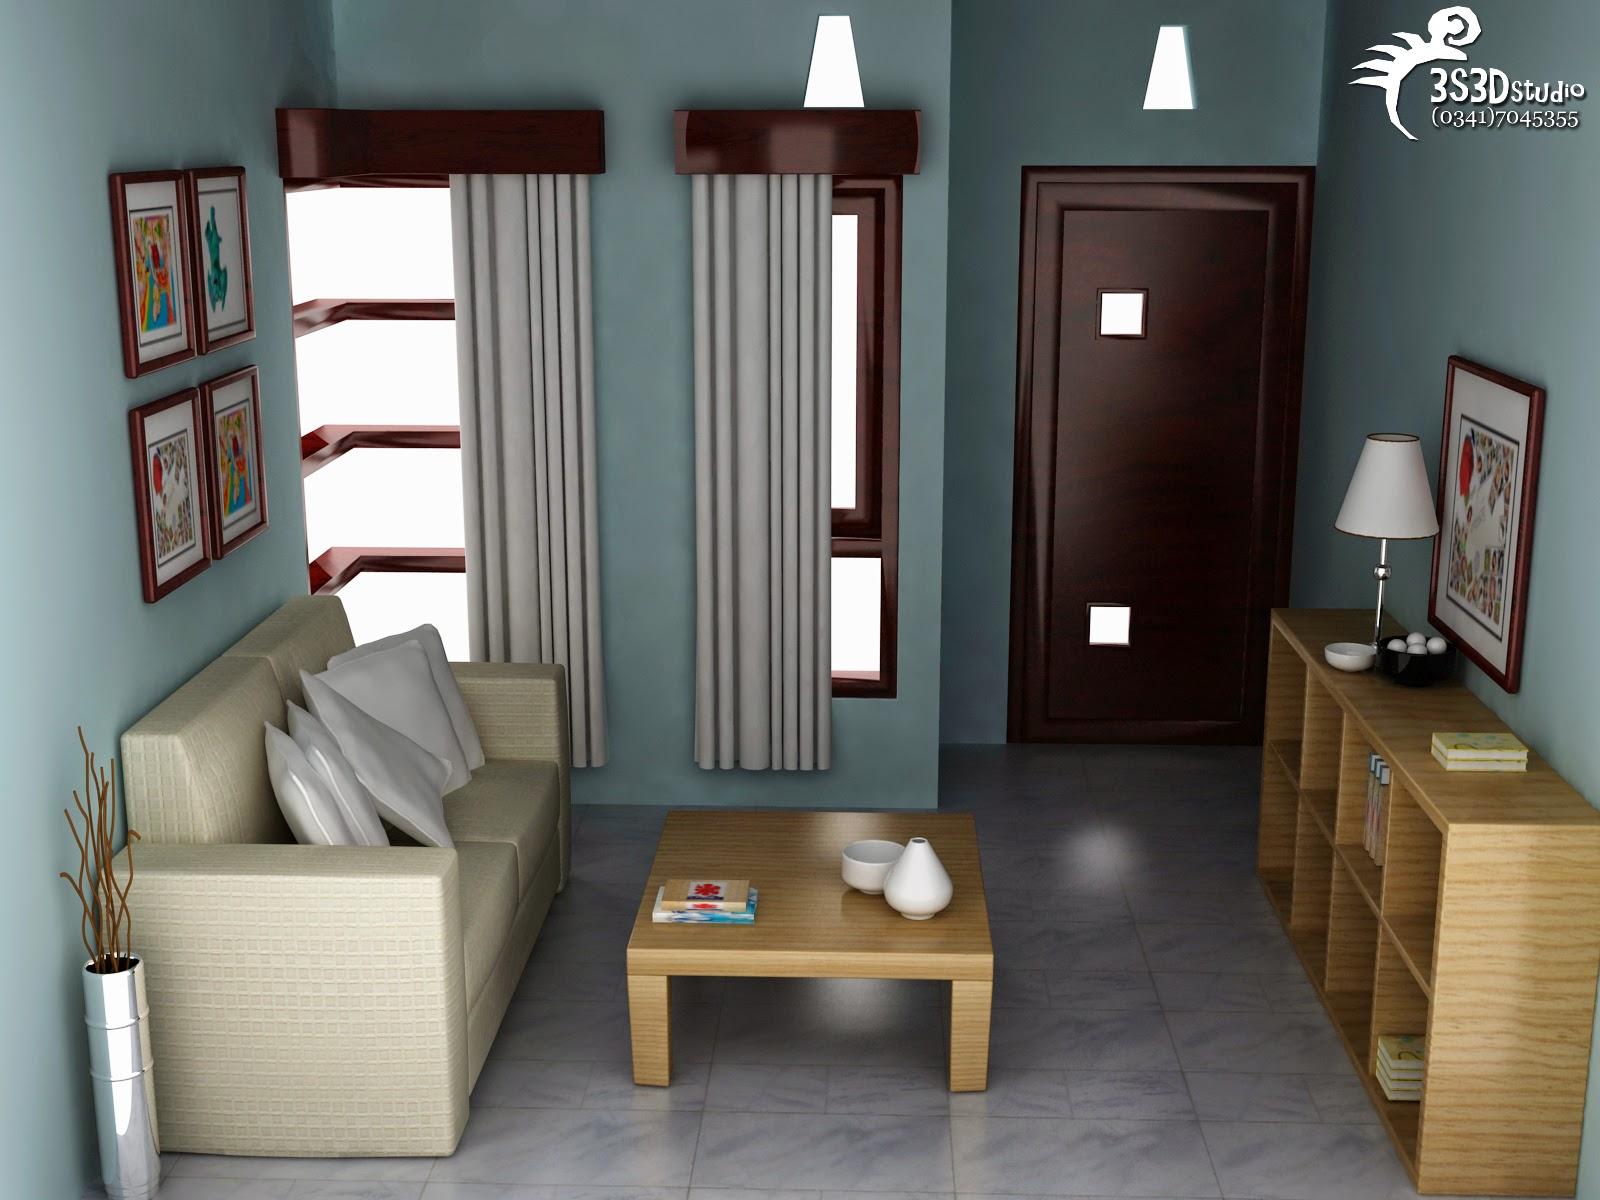 Rumah Minimalis Sederhana Type 21/60 | Rumah Minimalis ...